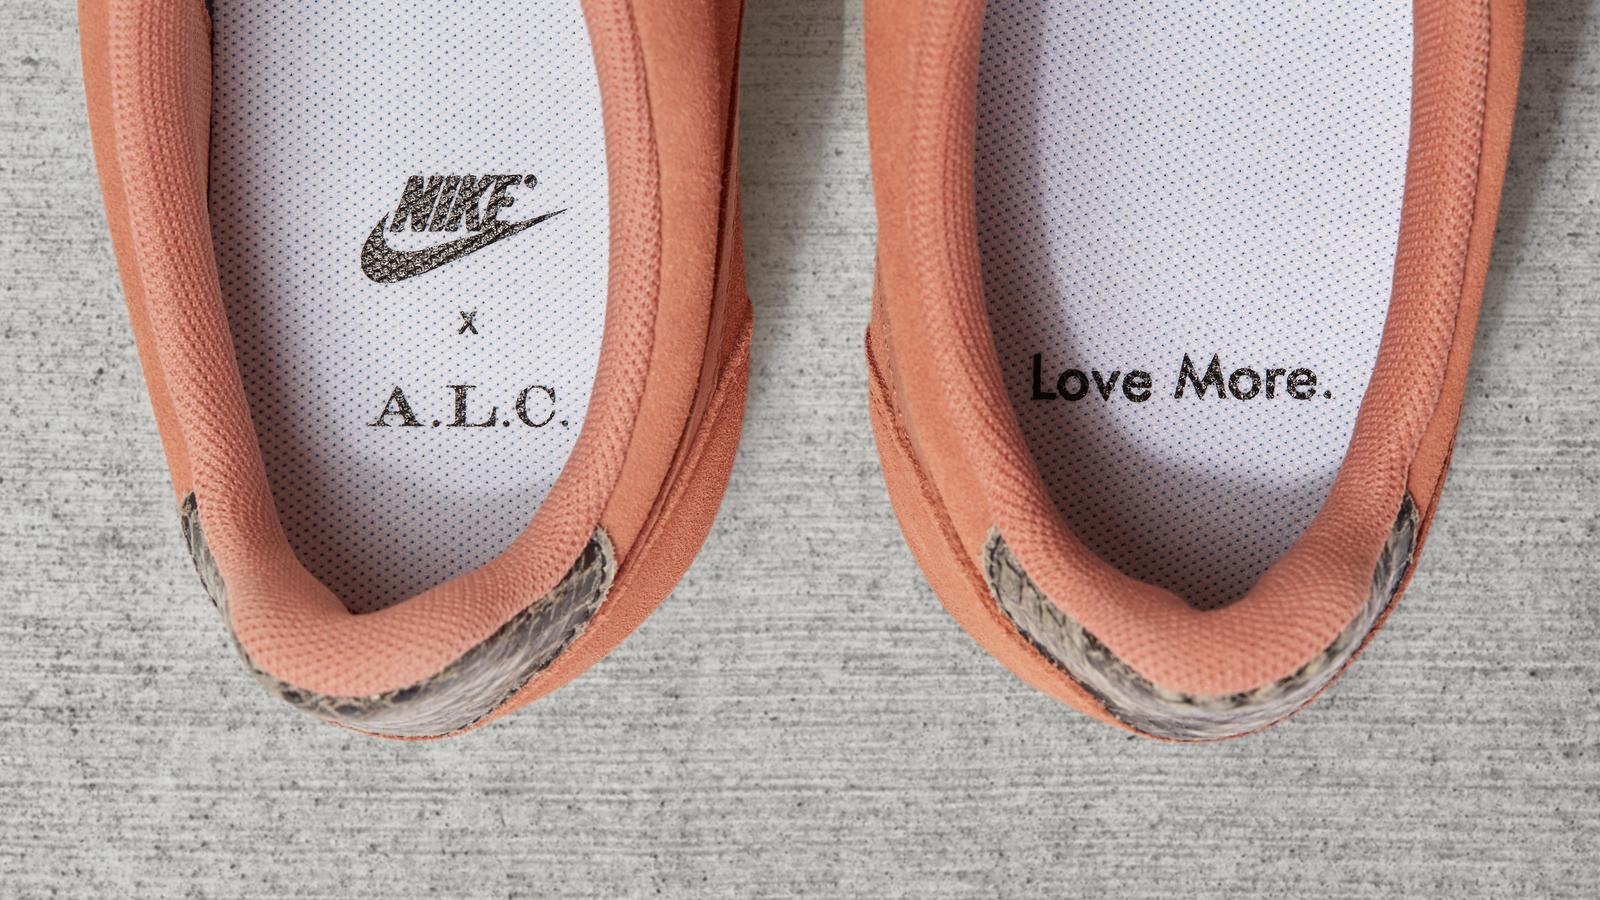 170519 footwear cortez alc pnk 0122 hd 1600